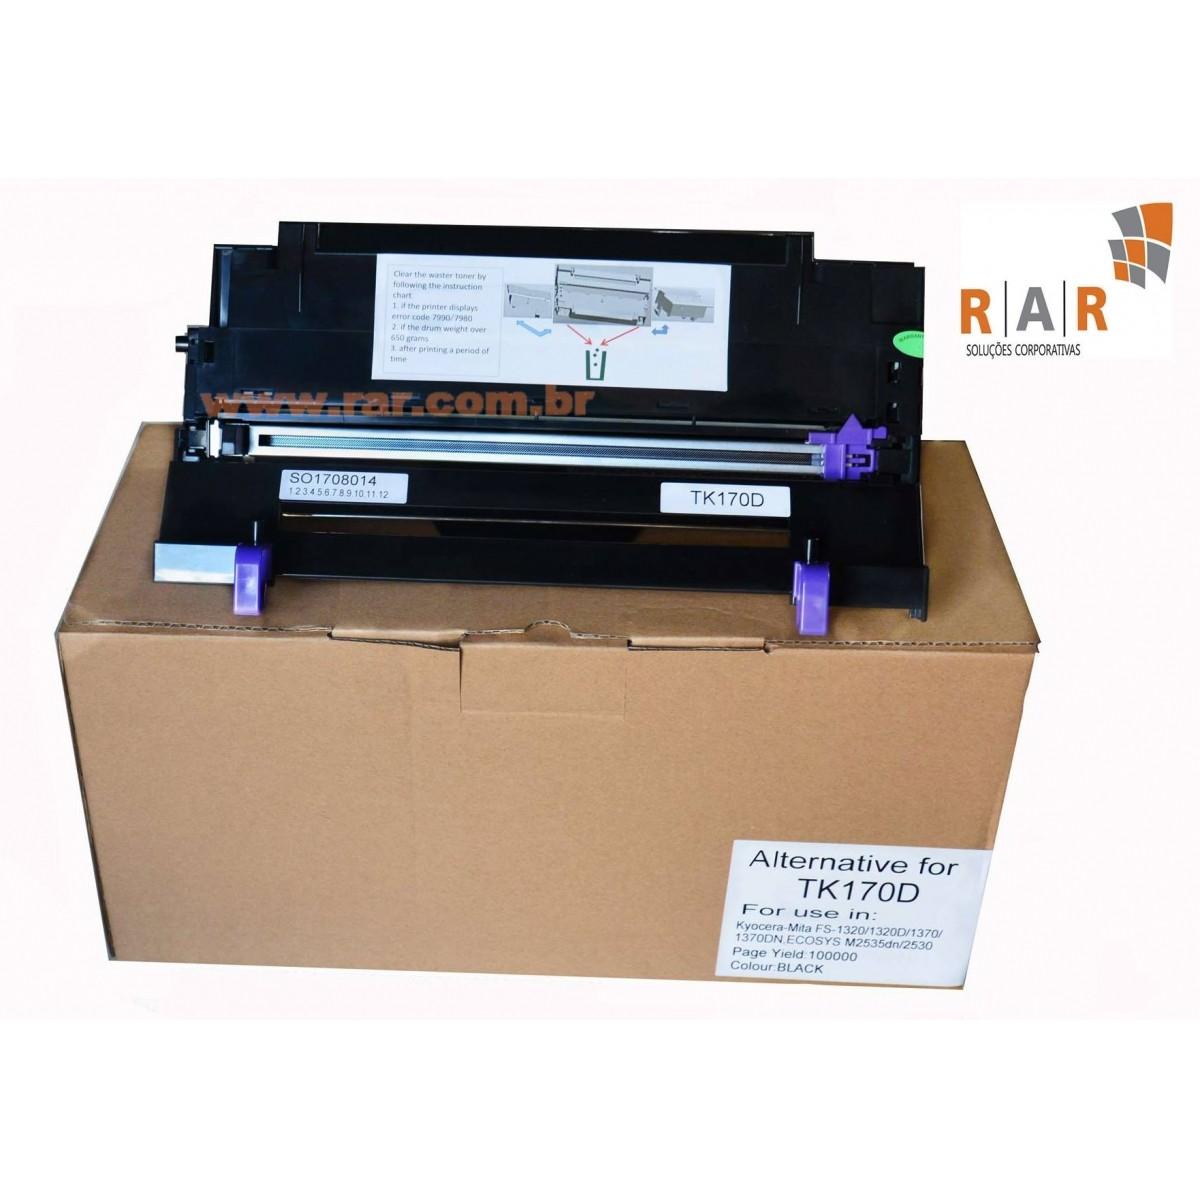 DK170 (302LZ93061)  - UNIDADE DE IMAGEM COMPATIVEL NOVA PARA  KYOCERA KM2810 / KM2820/ FS1035 /ECOSYS M2035/M2535 E SERIES